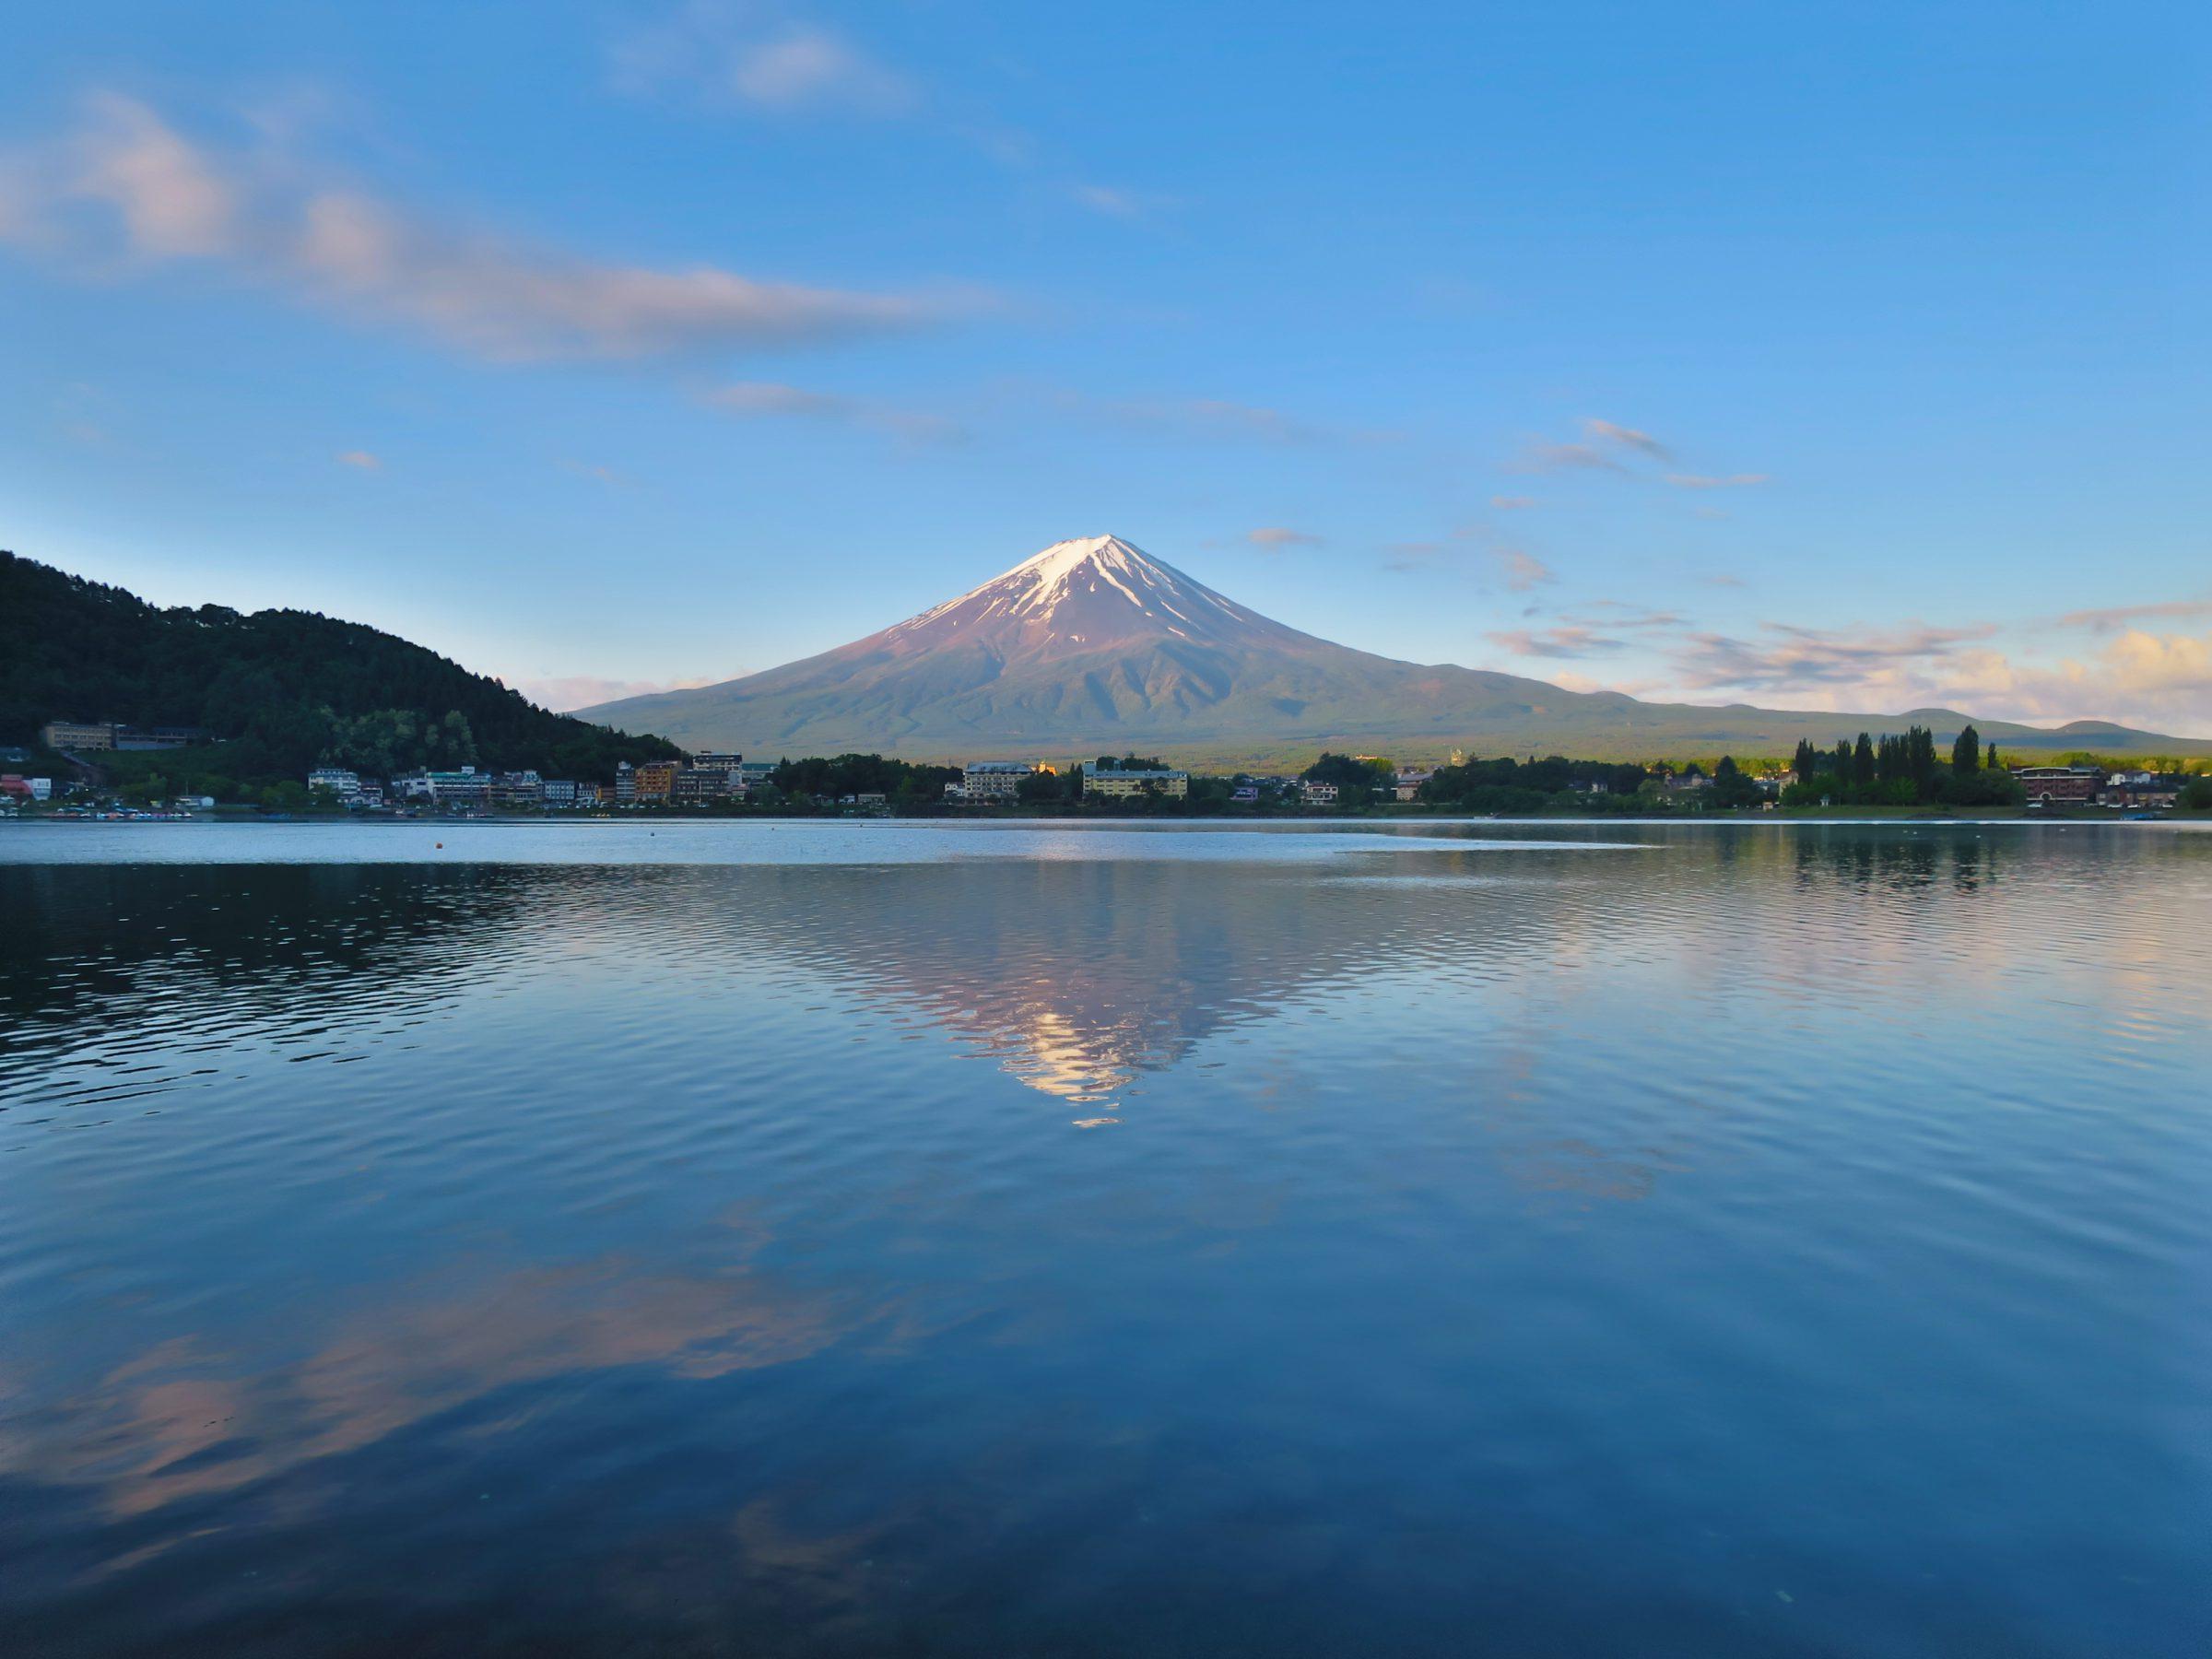 【景點推薦】逆富士最佳拍攝地!富士山河口湖攝影攻略